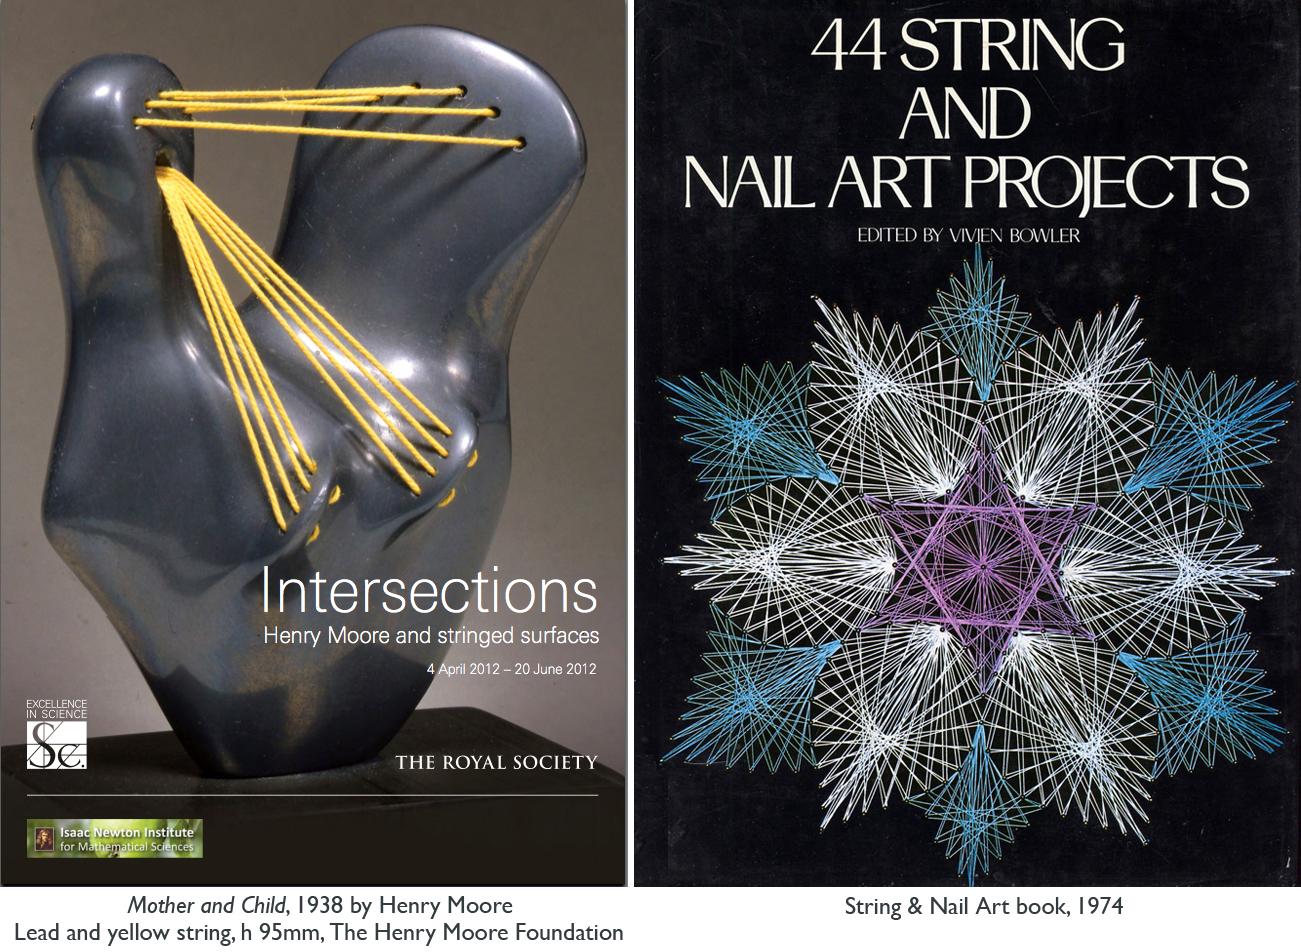 Henry Moore & String Art2